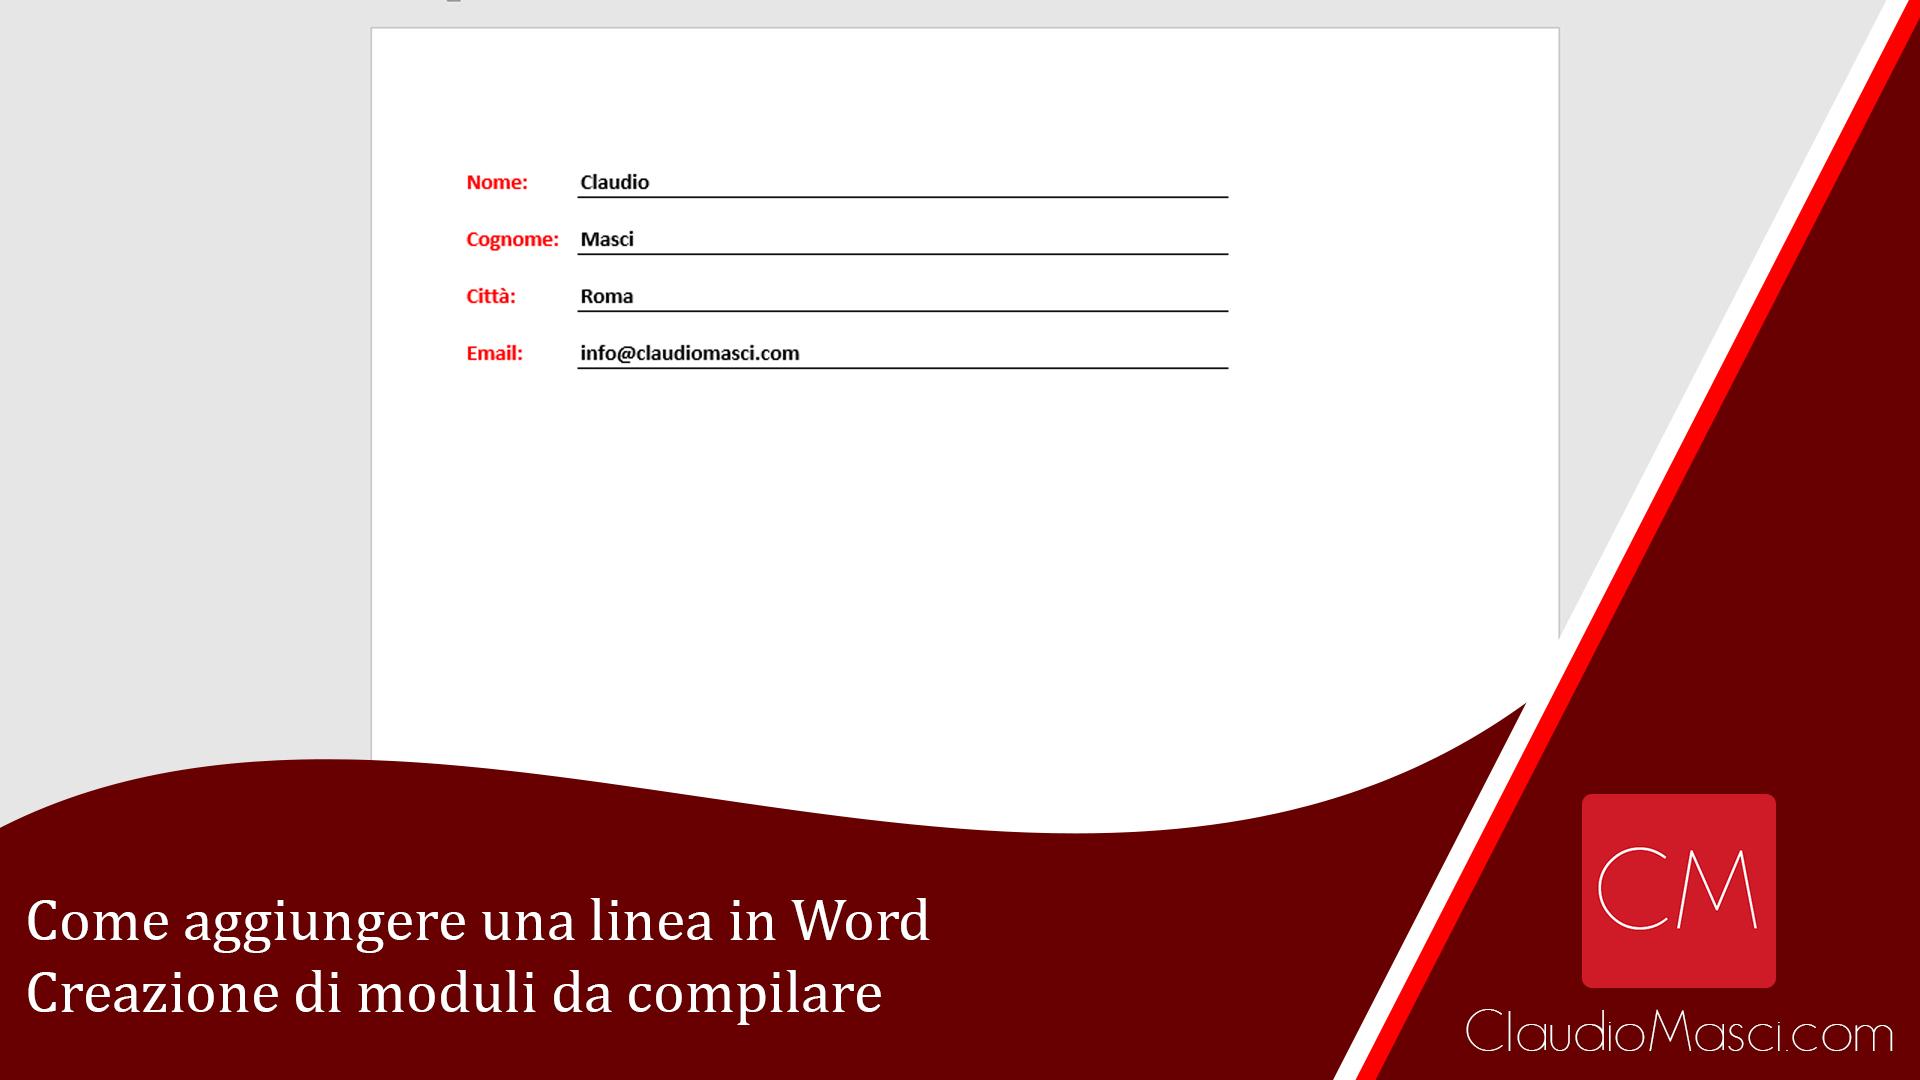 Come aggiungere una linea in Word – Creazione di moduli da compilare